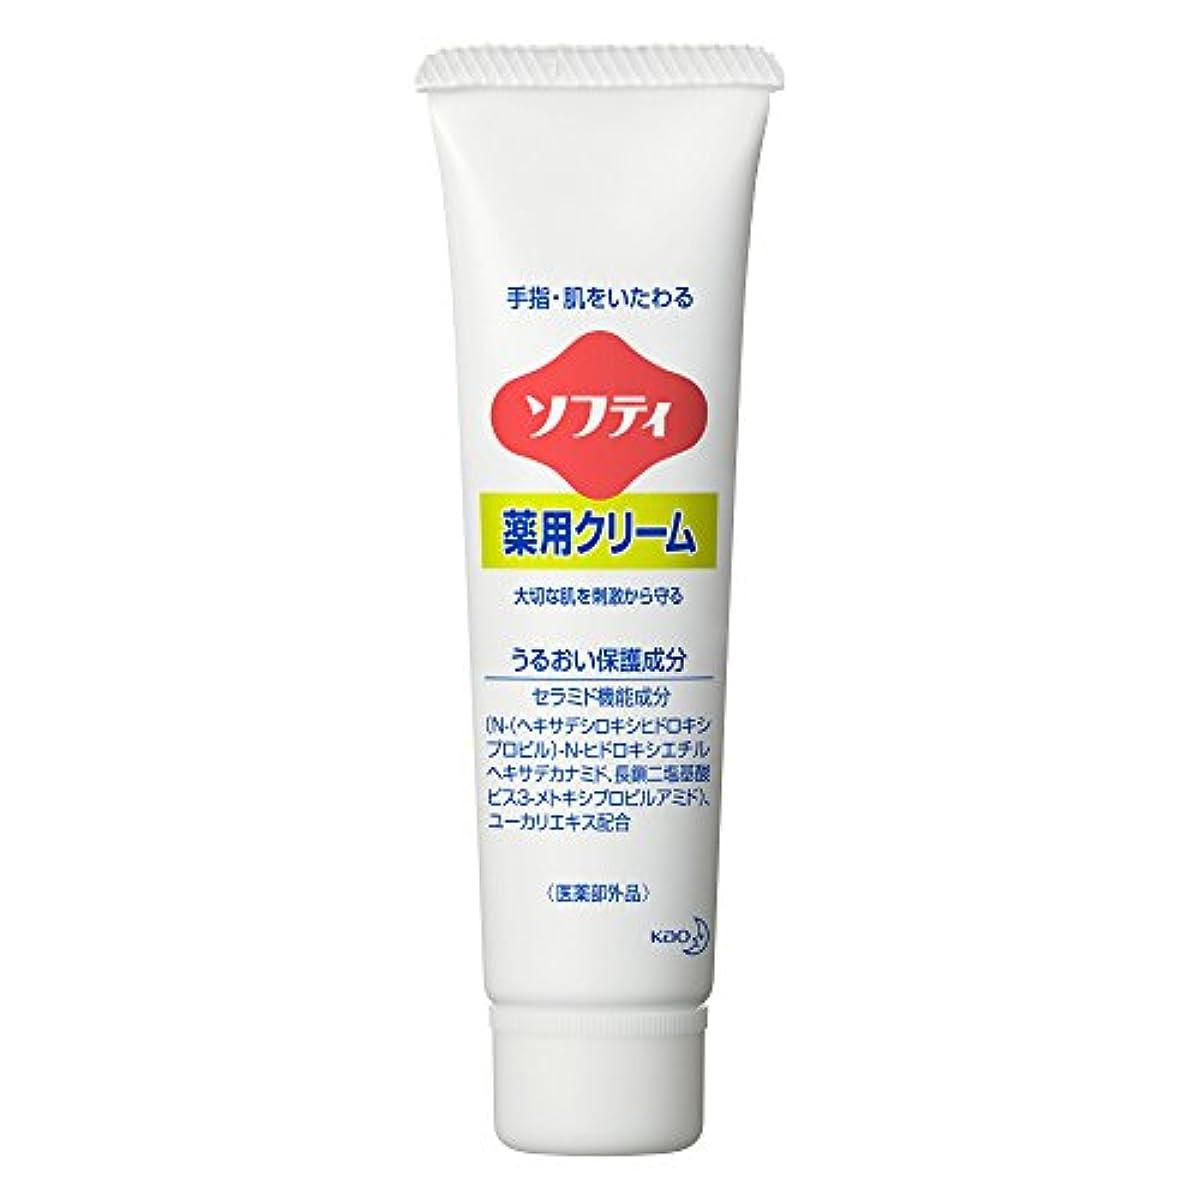 爆発ディレイリラックスソフティ 薬用クリーム 35g (花王プロフェッショナルシリーズ)